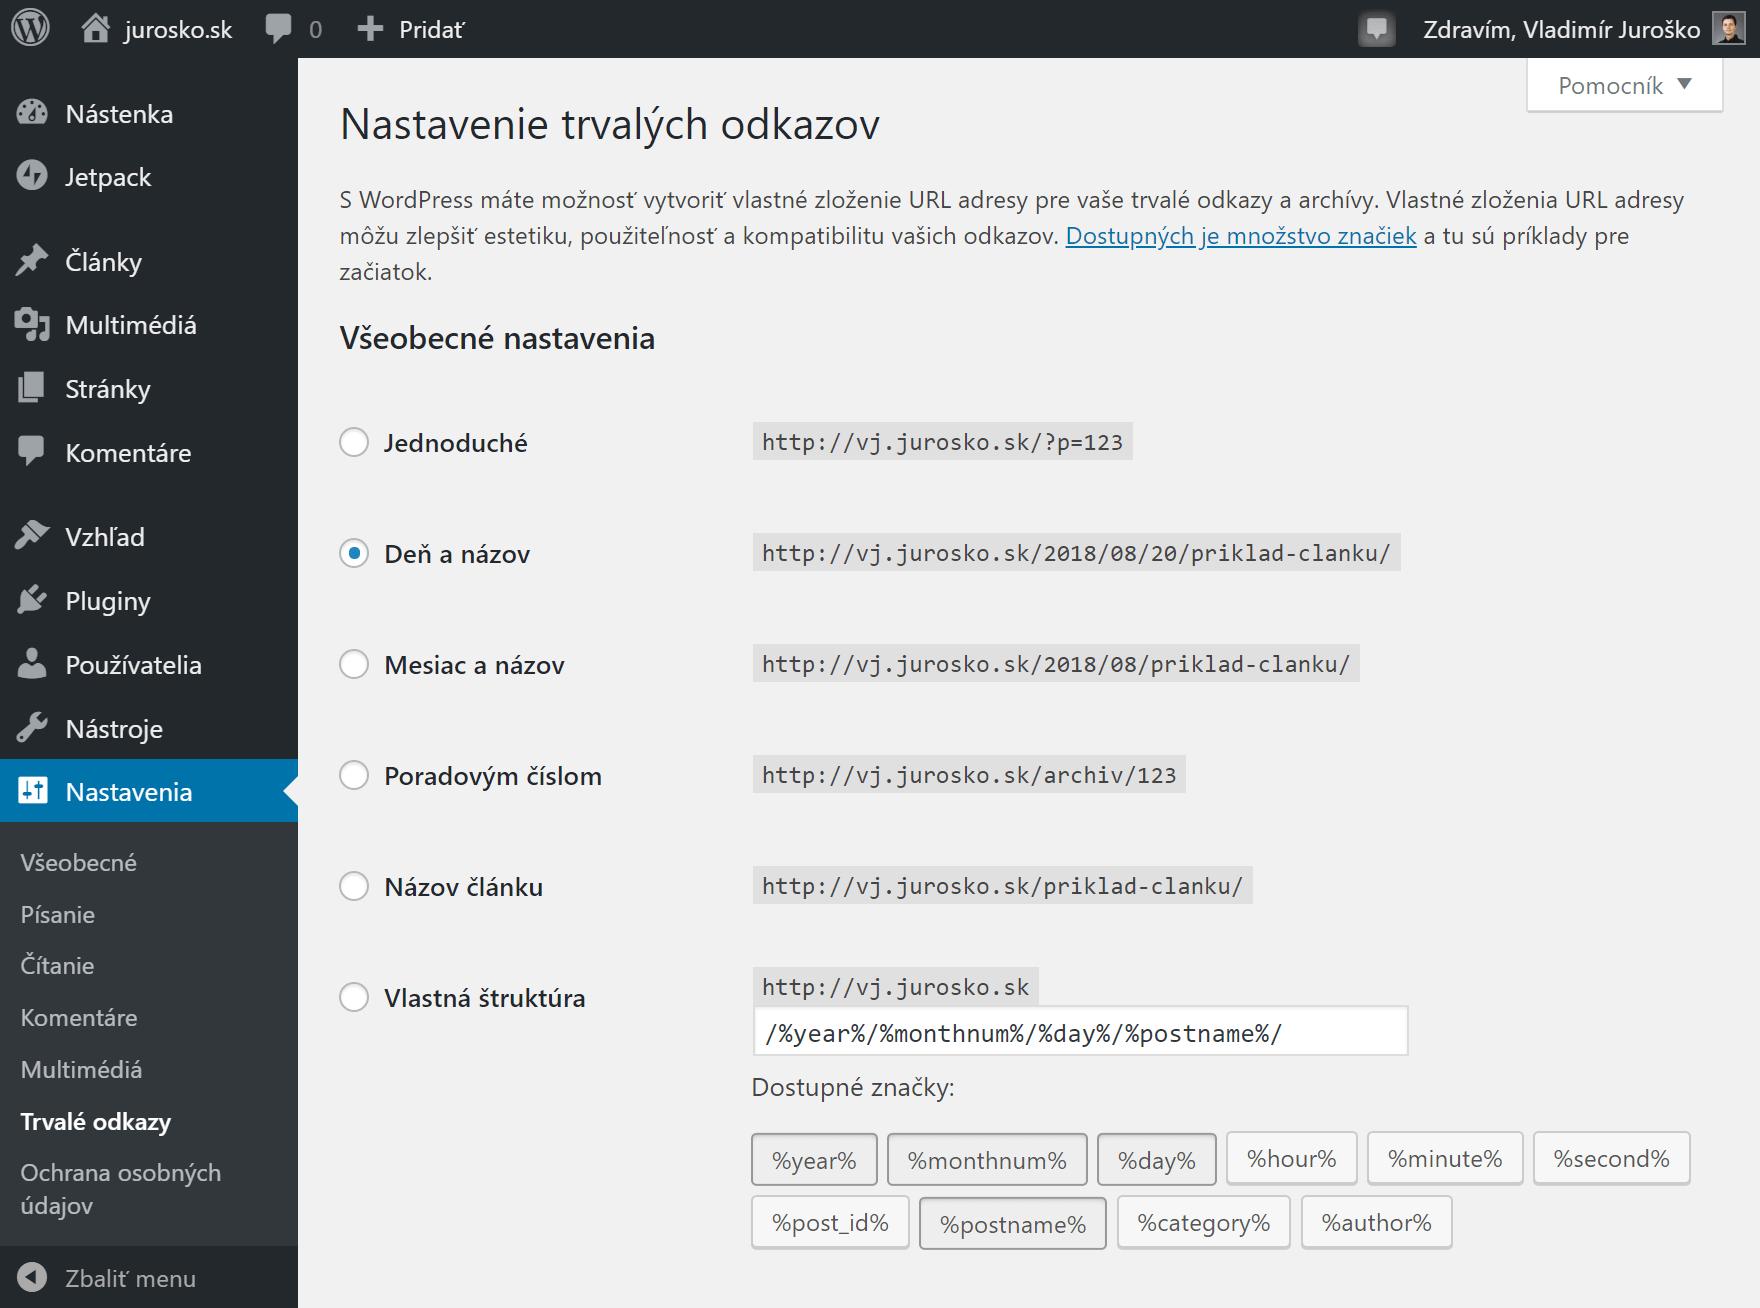 WordPress nastavenie trvalých odkazov